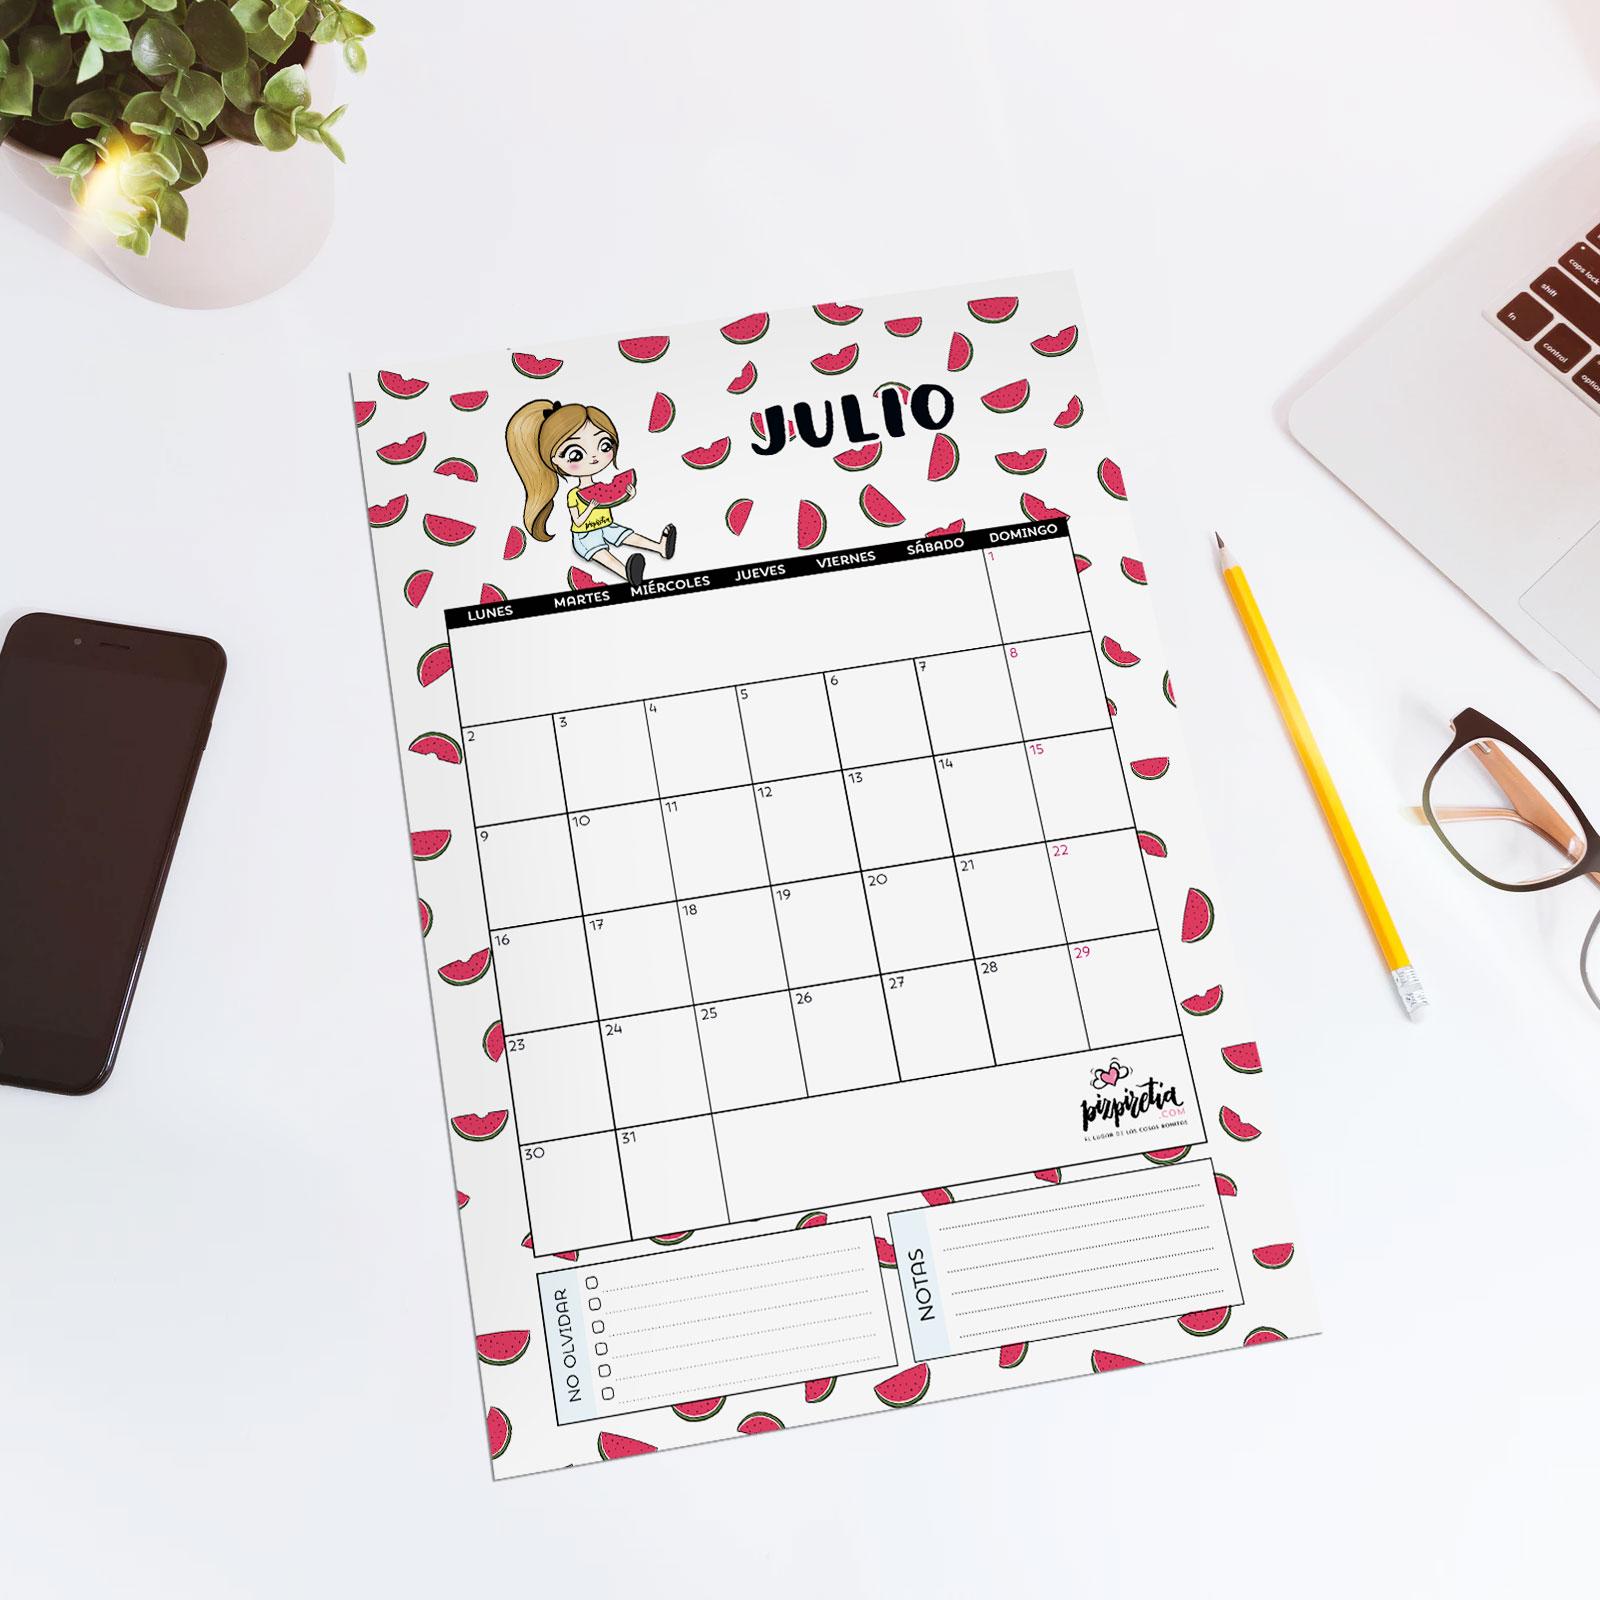 Planificador descargable e imprimible para julio 2018 de Pizpiretia